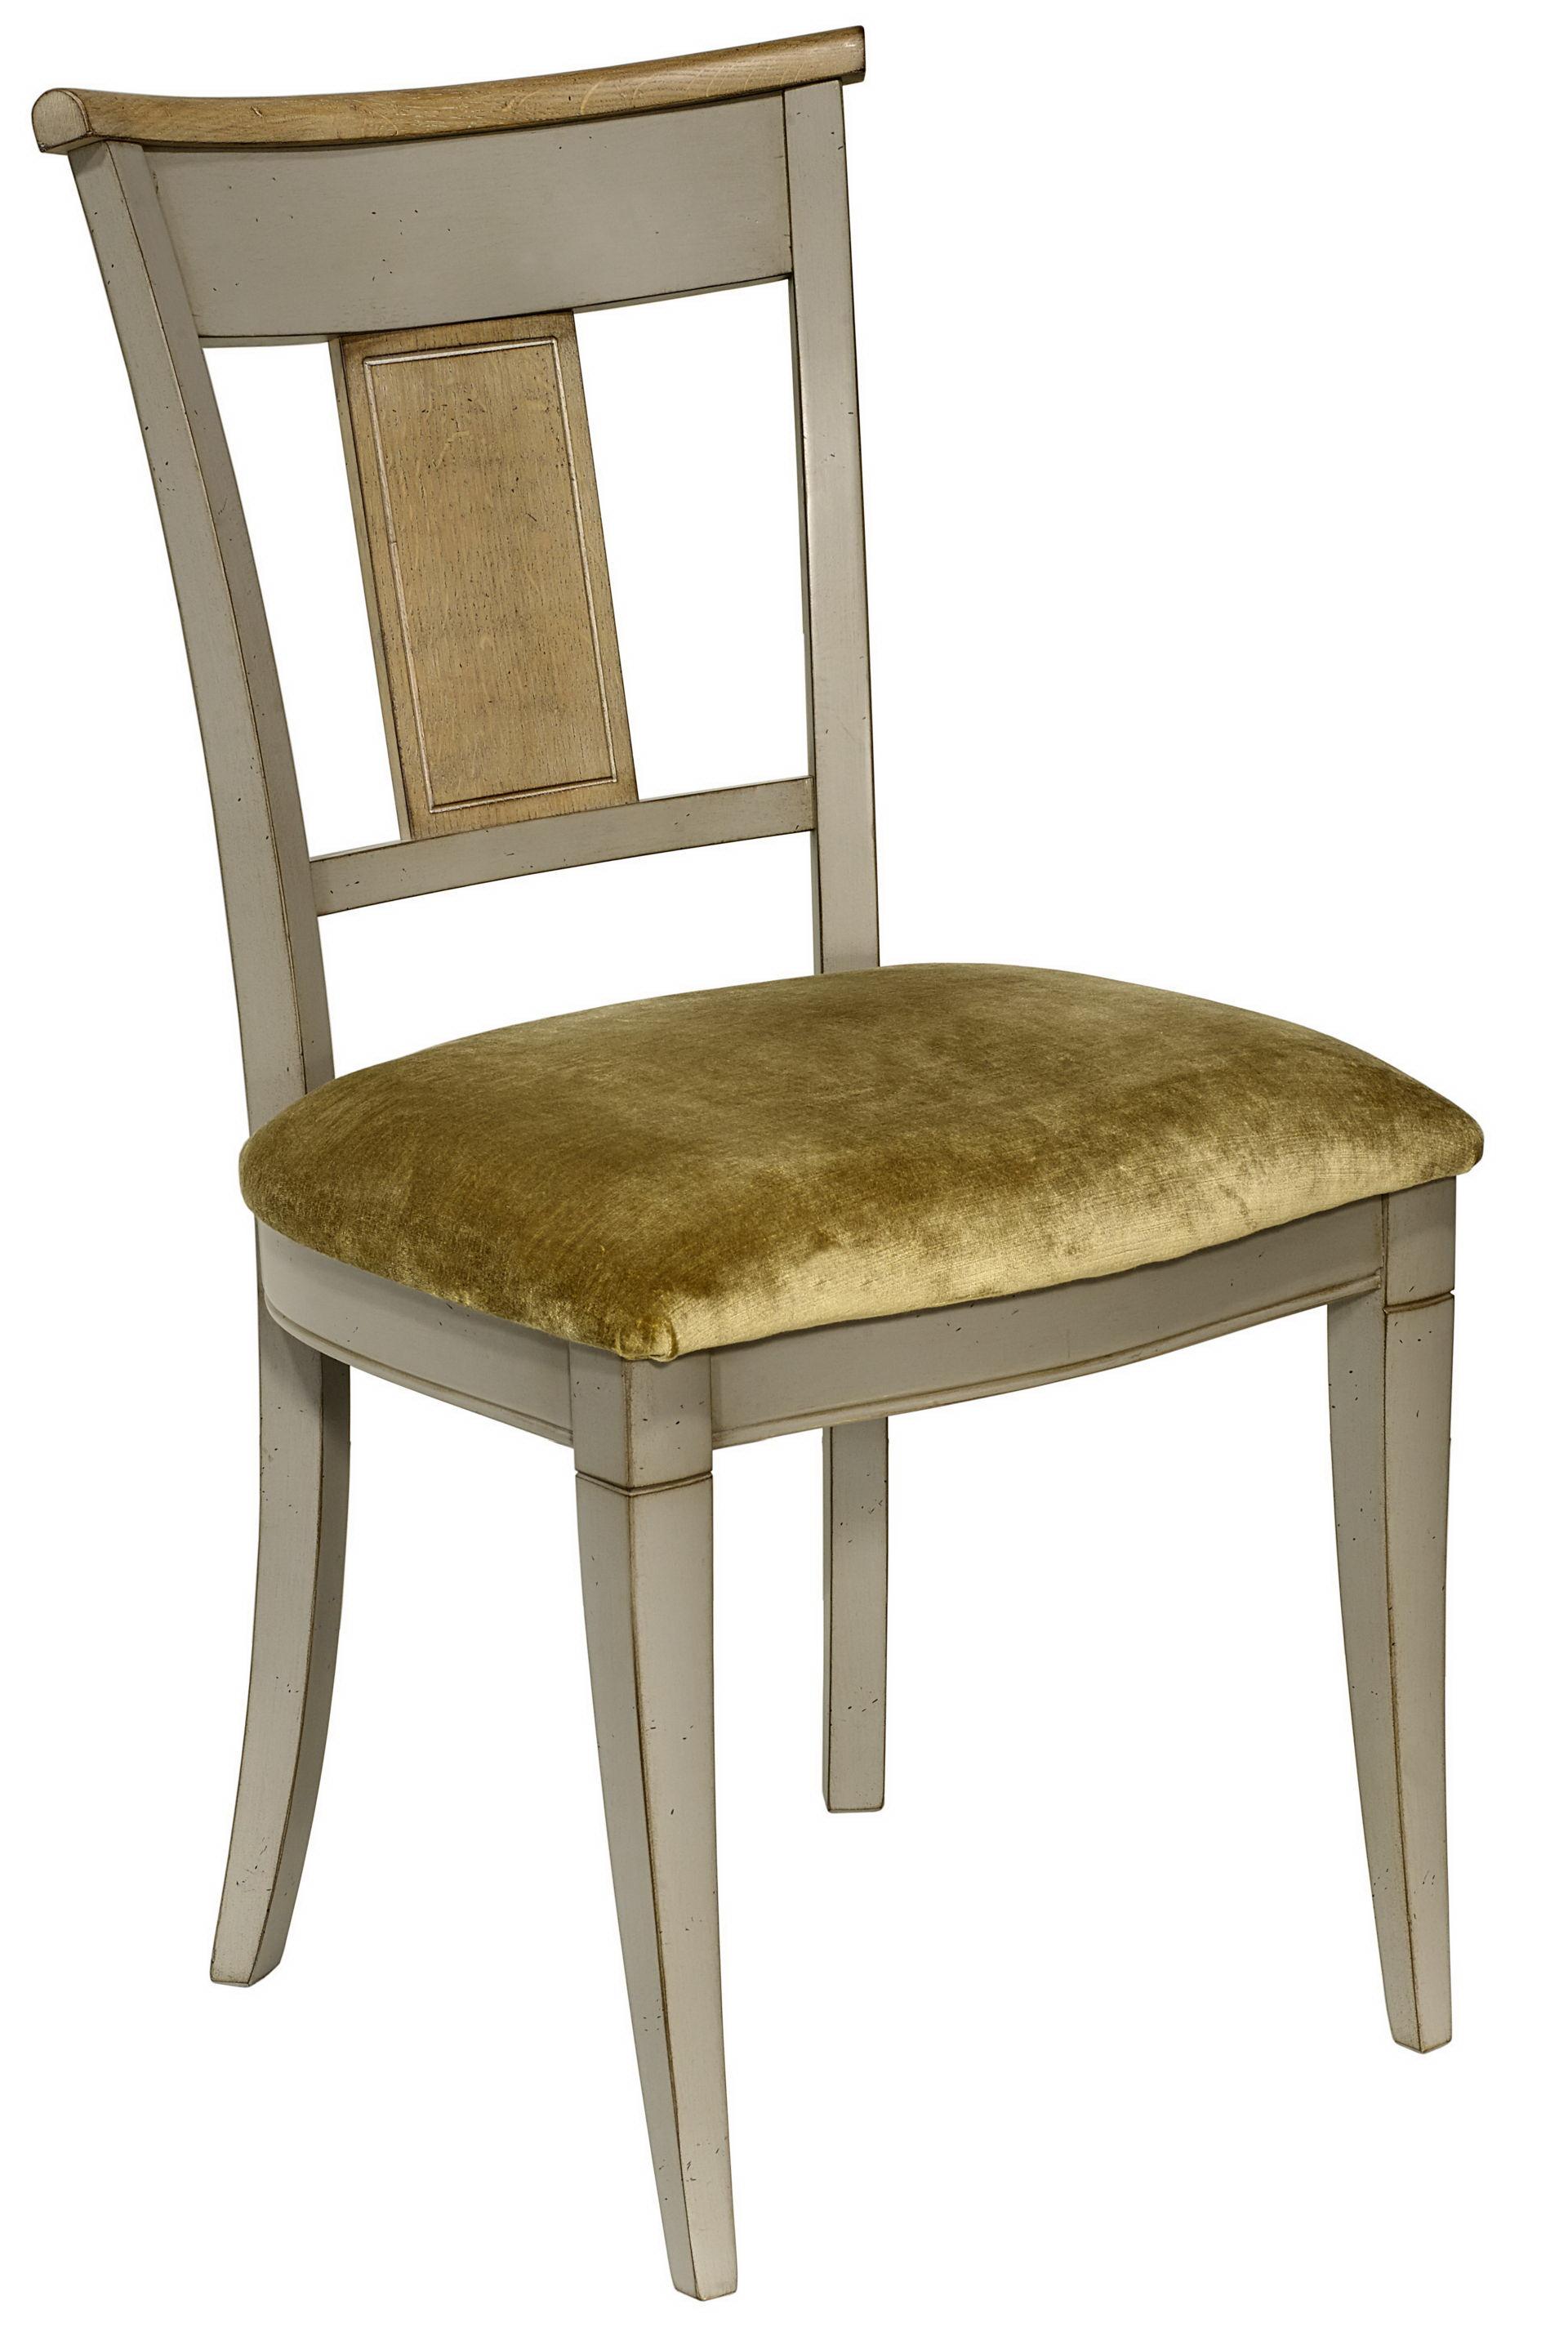 Sillas auber by antika estilo franc s muebles anto n for Muebles estilo frances online